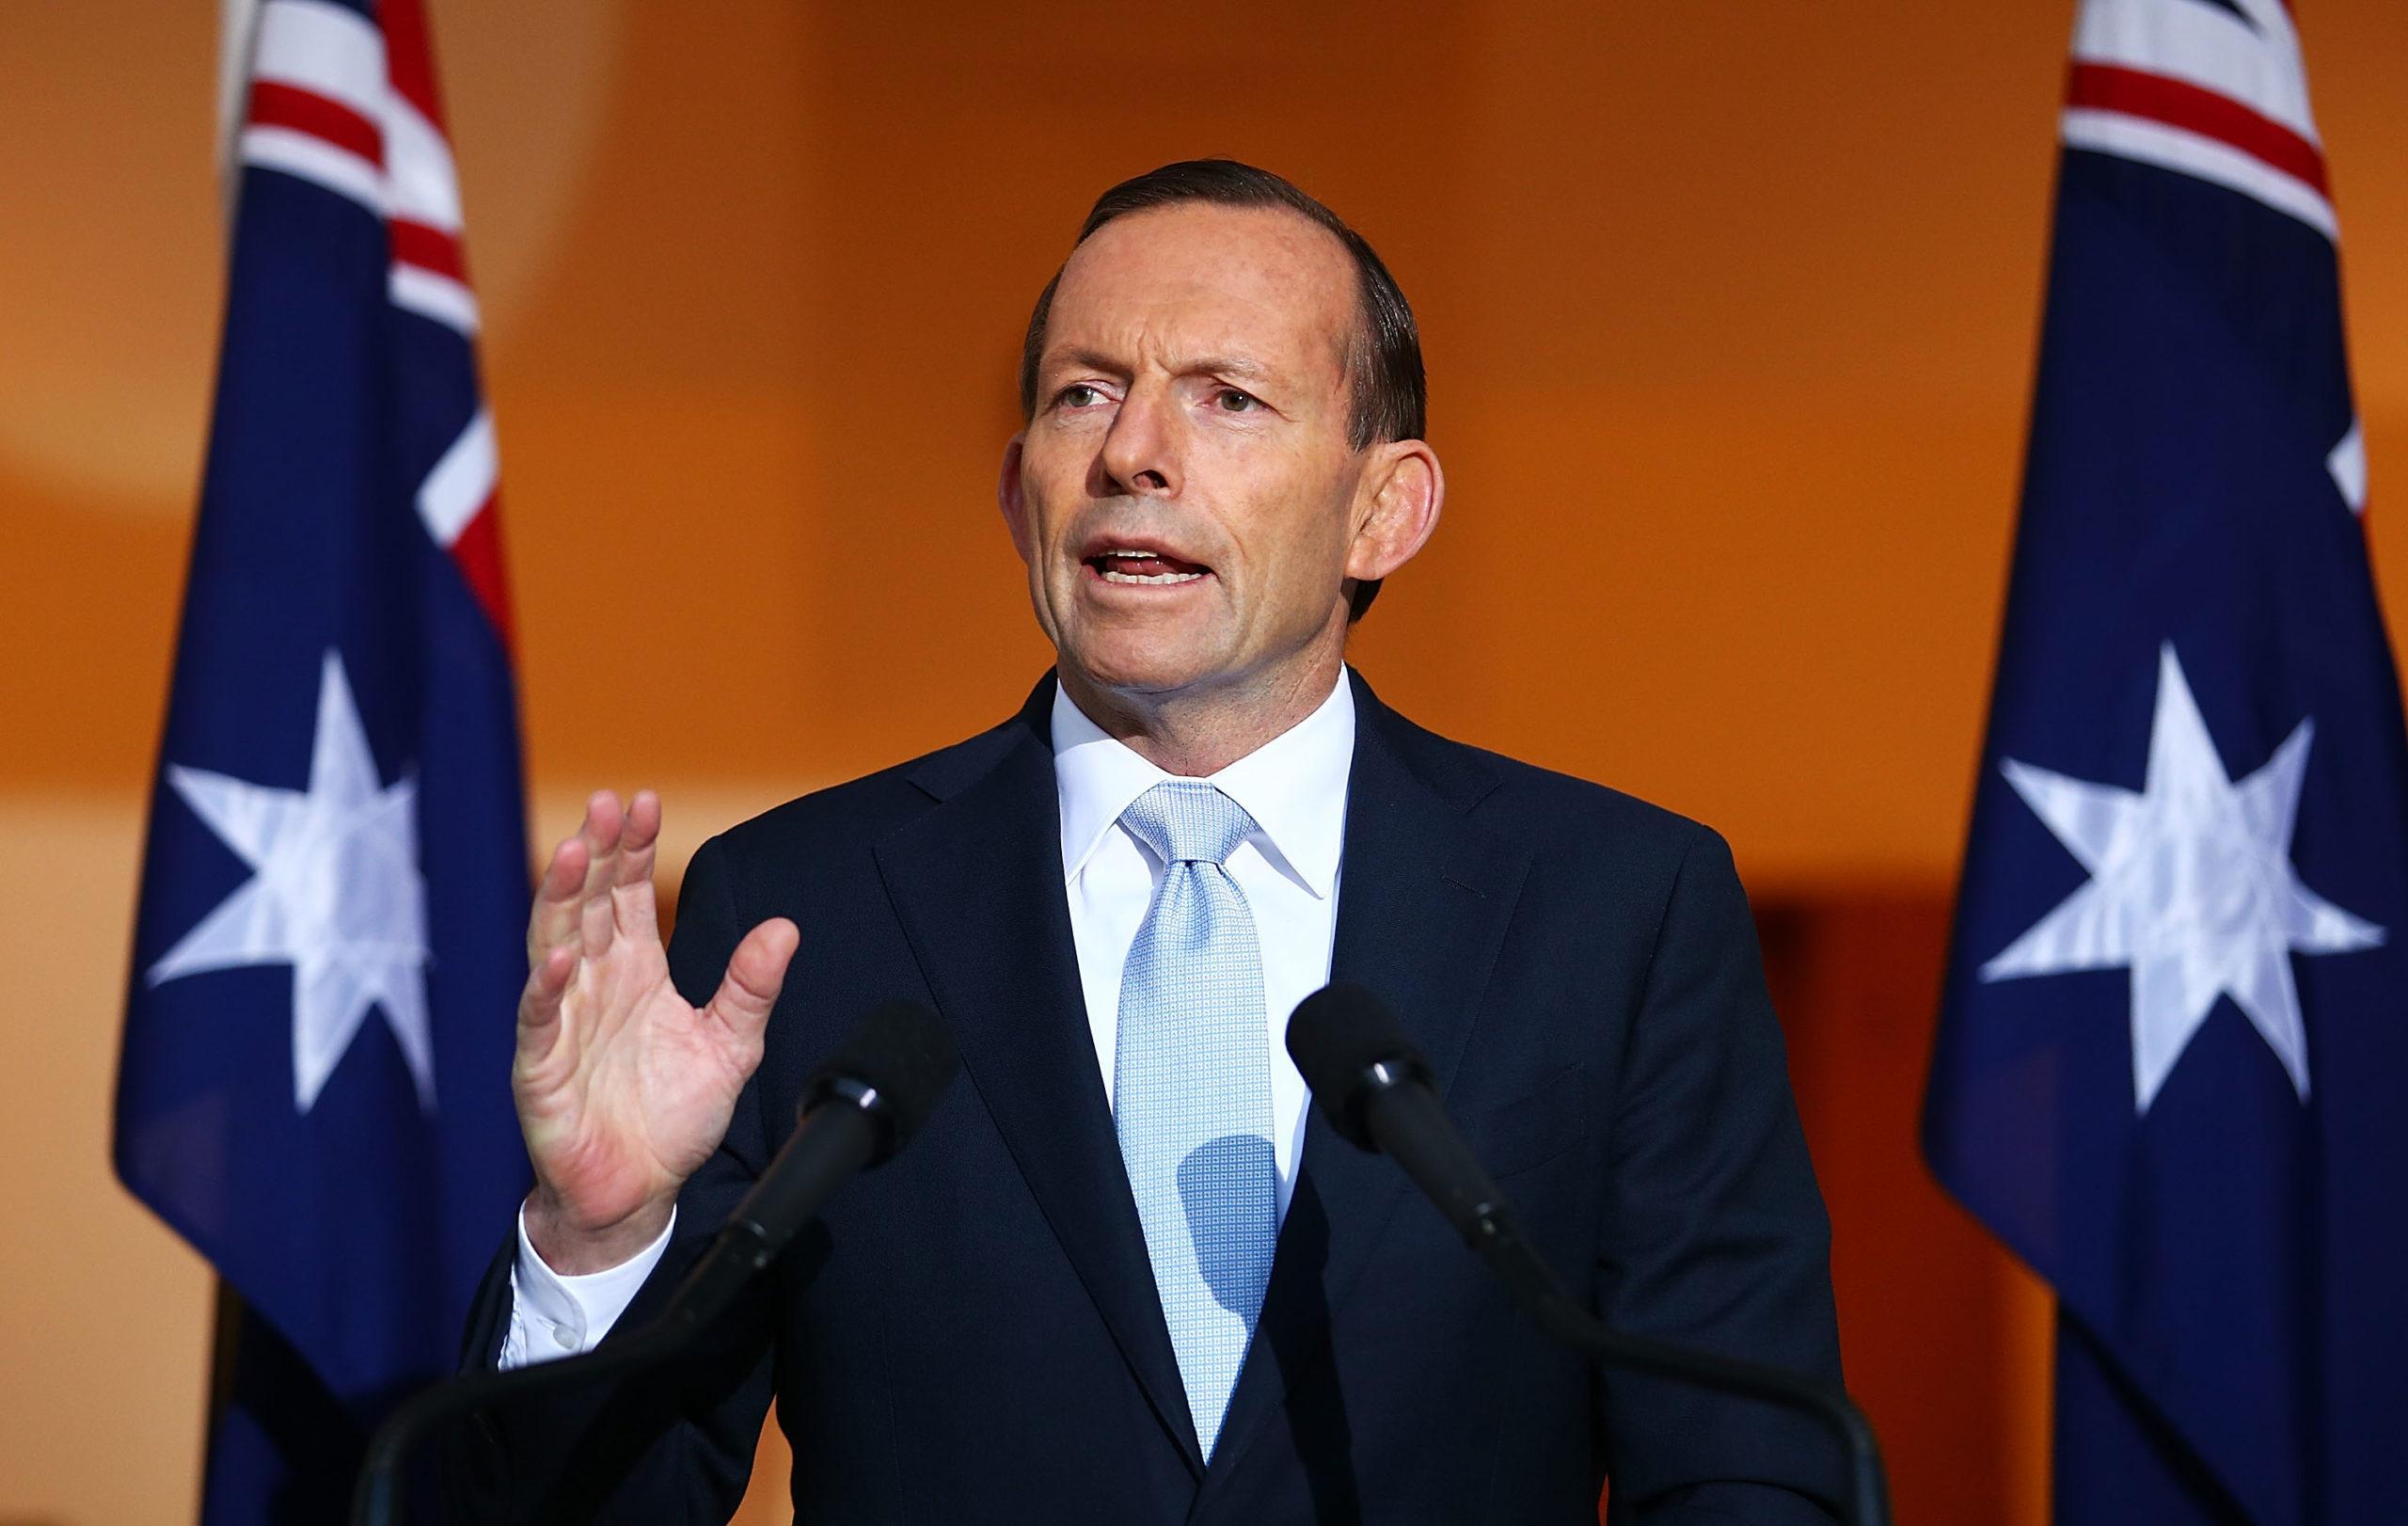 Un Ancien Premier Ministre Australien Anti Lgbt Embauché Par Le Royaume Uni